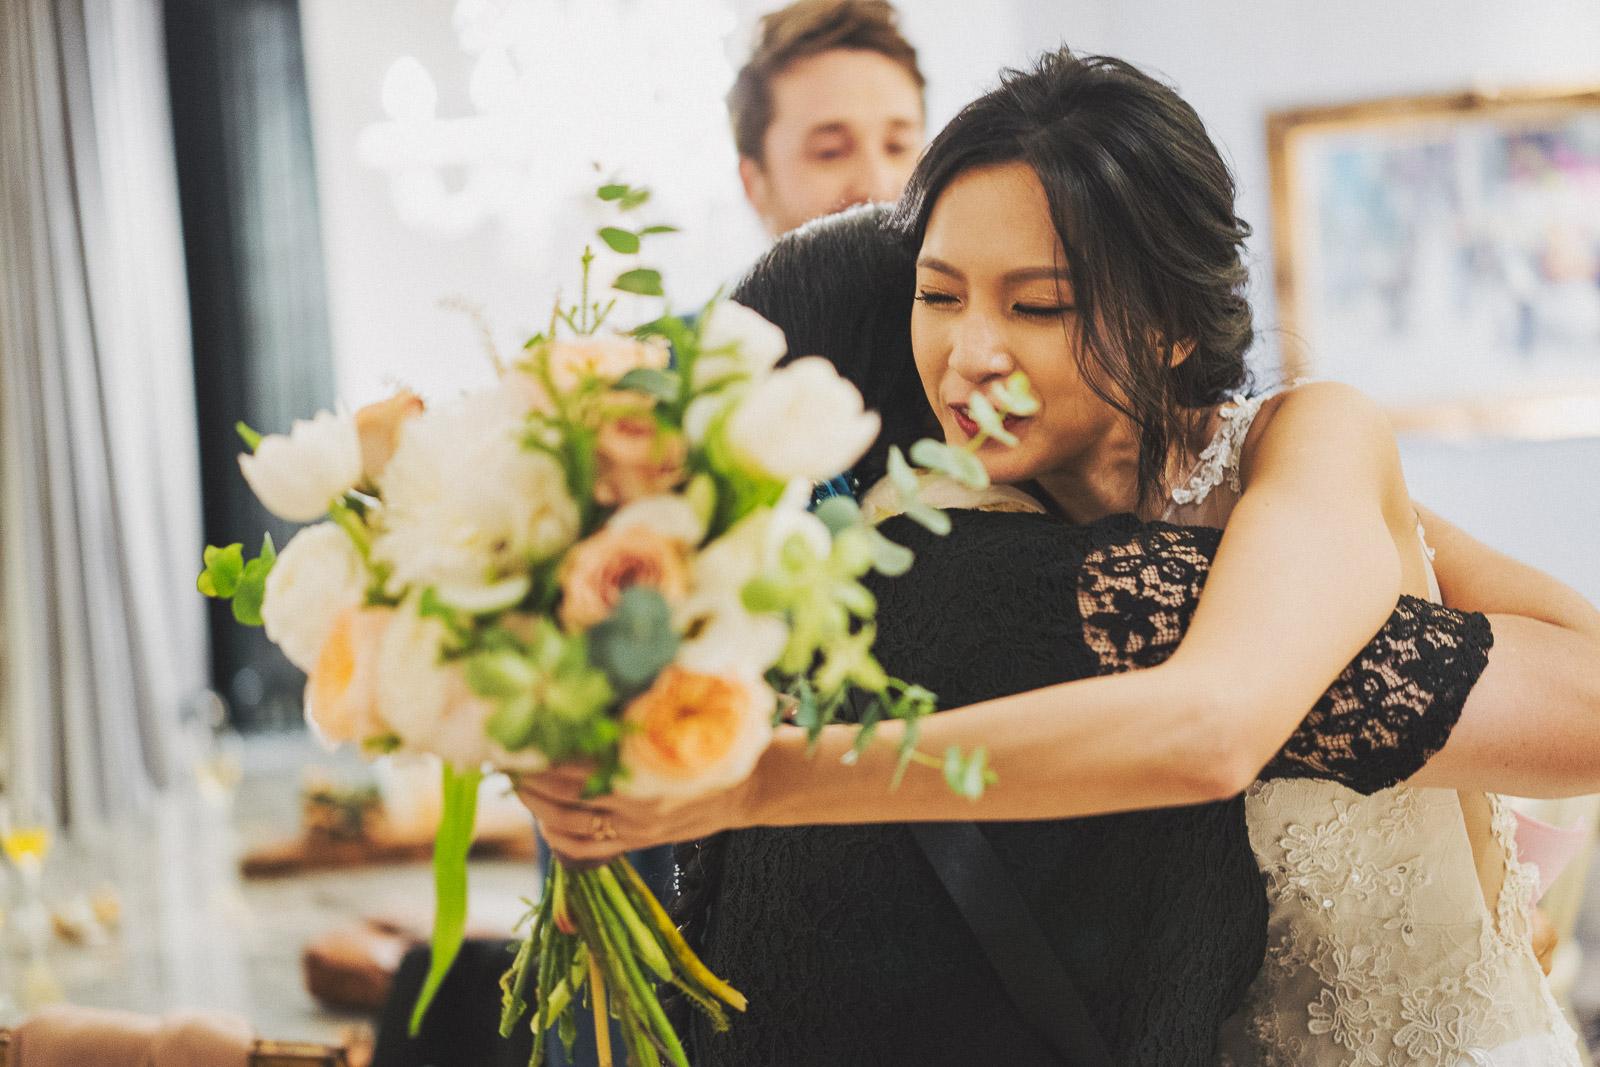 婚禮攝影,wedding photo,溫馨婚禮攝影